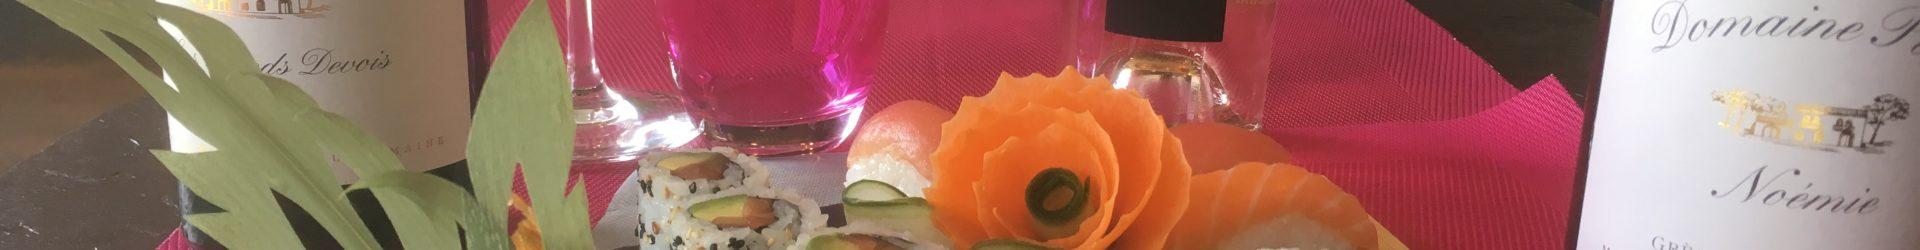 Jeudi soir c'est Sushi au Domaine Puech